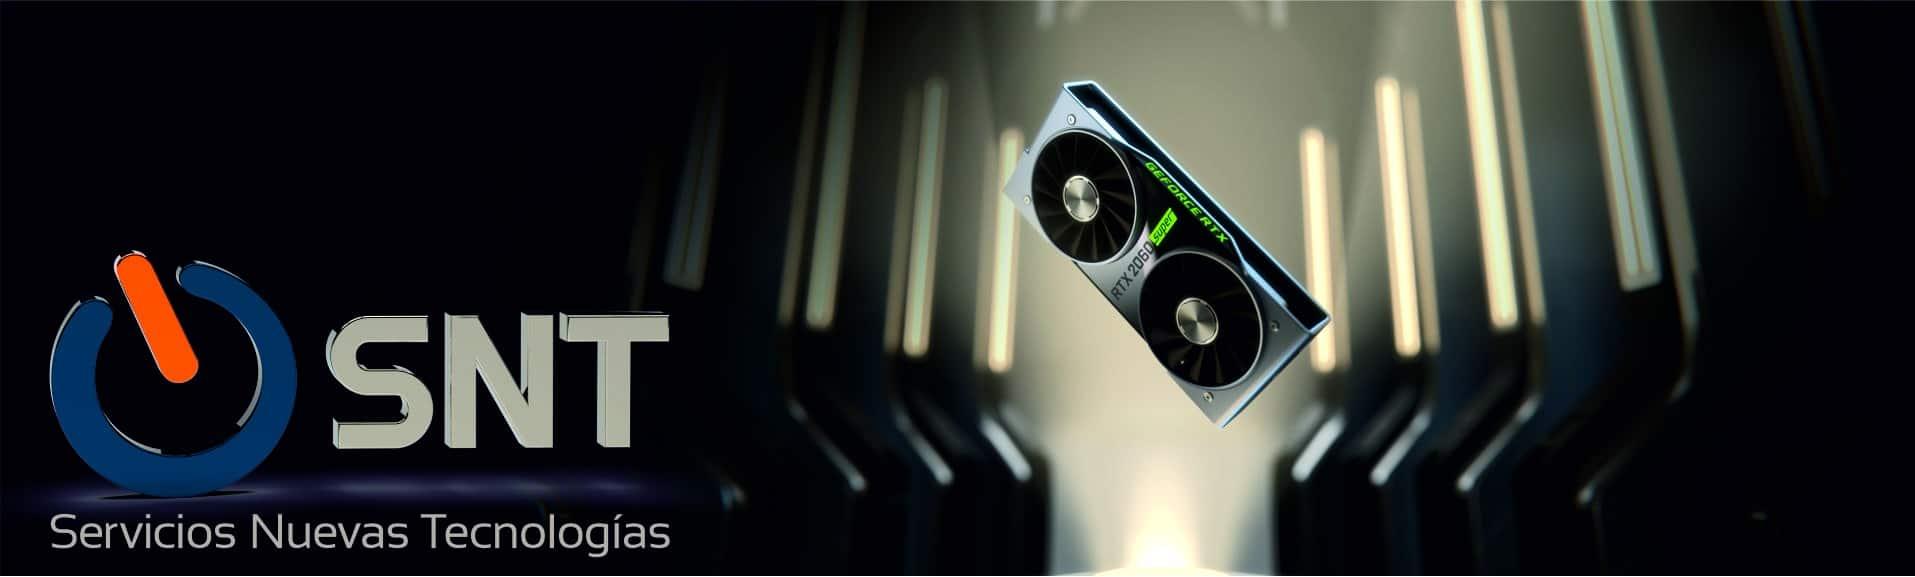 RTX Super - 3